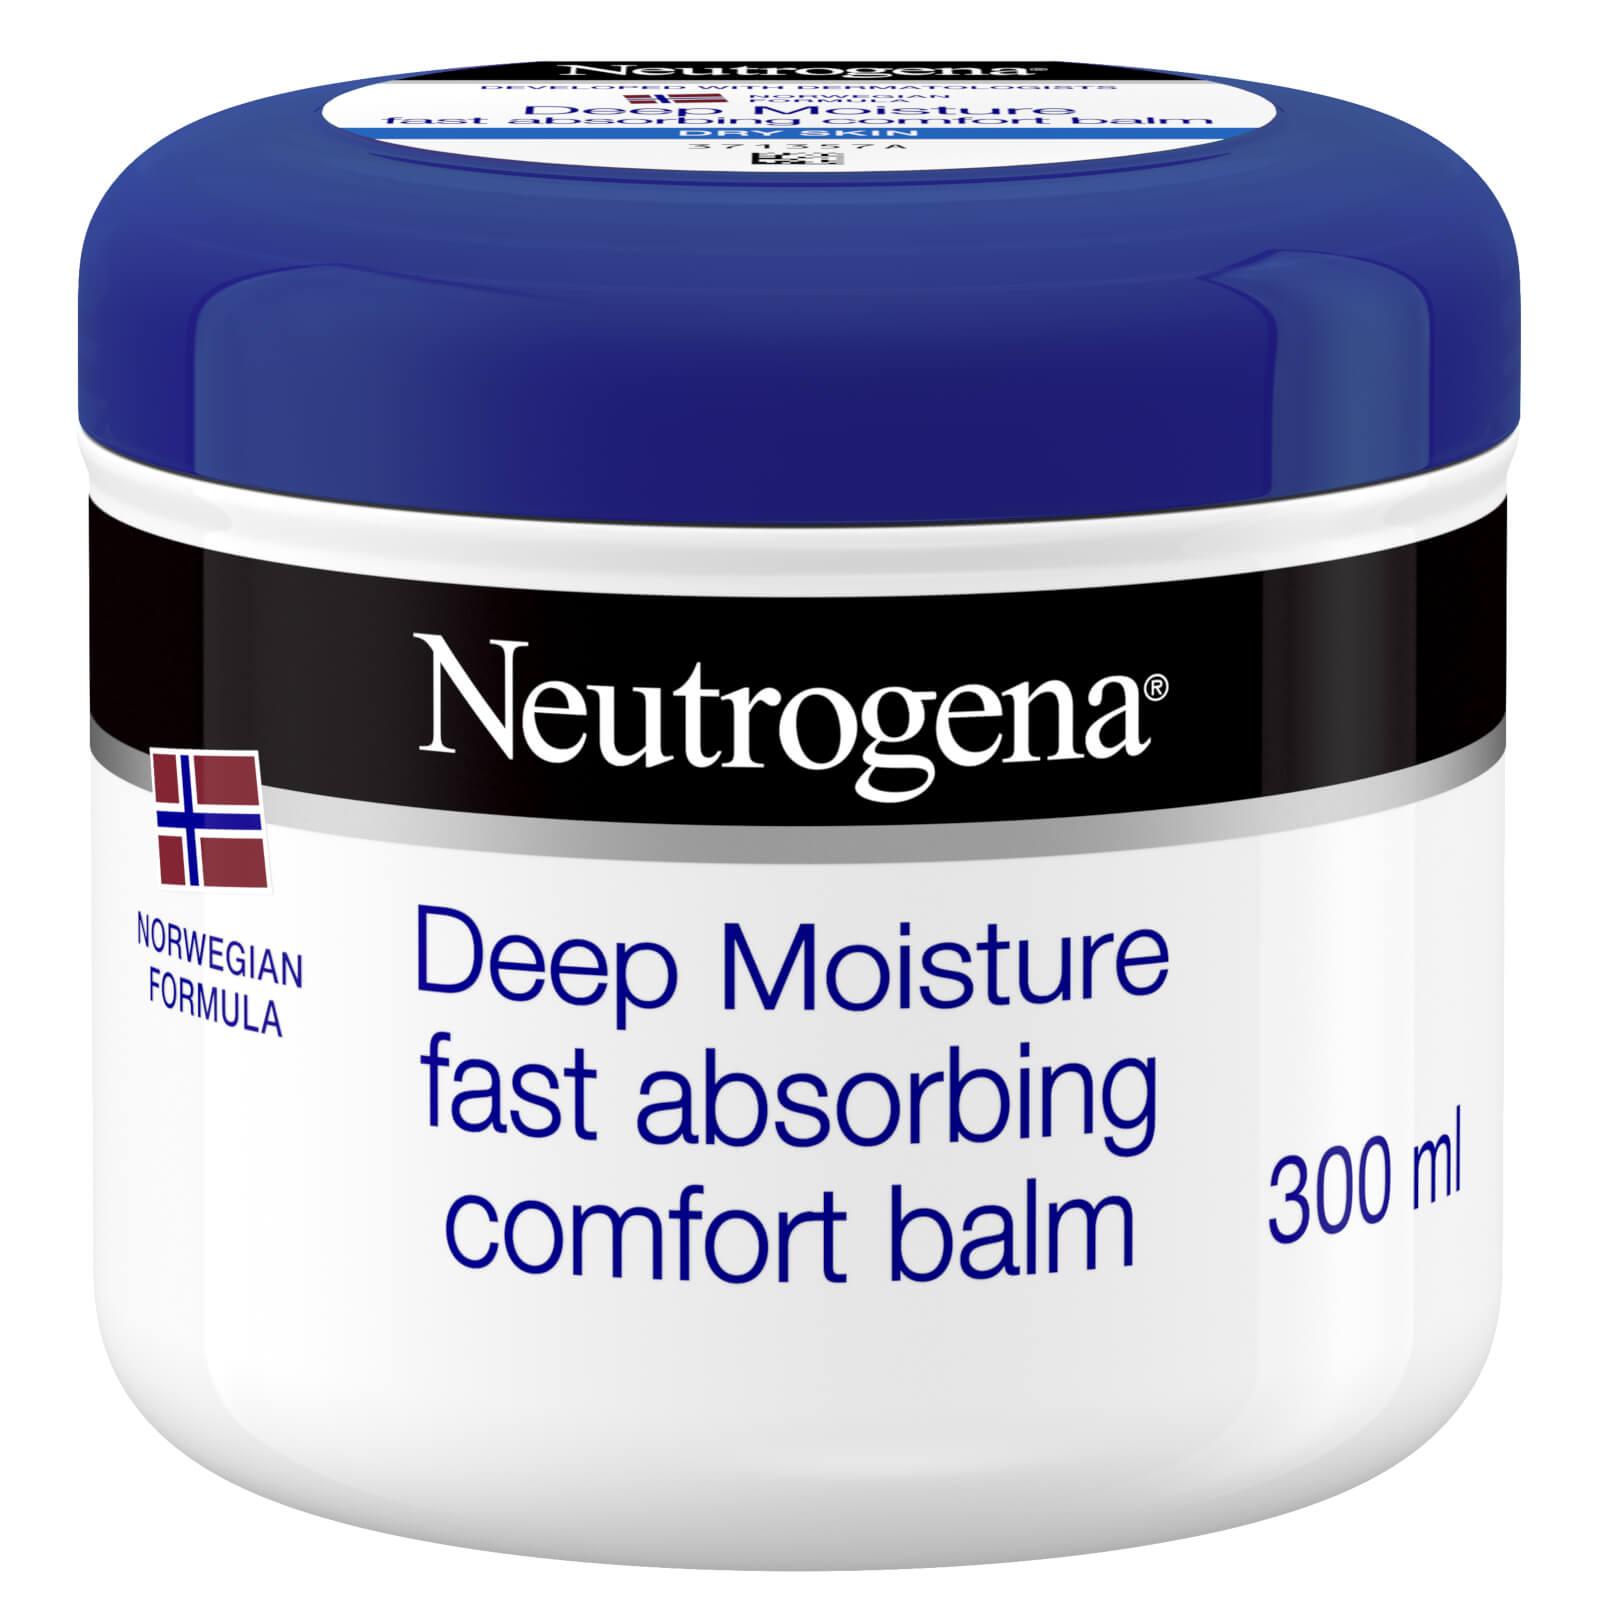 Купить Бальзам для глубокого увлажнения кожи Neutrogena Norwegian Formula Deep Moisture Comfort Balm 300 мл